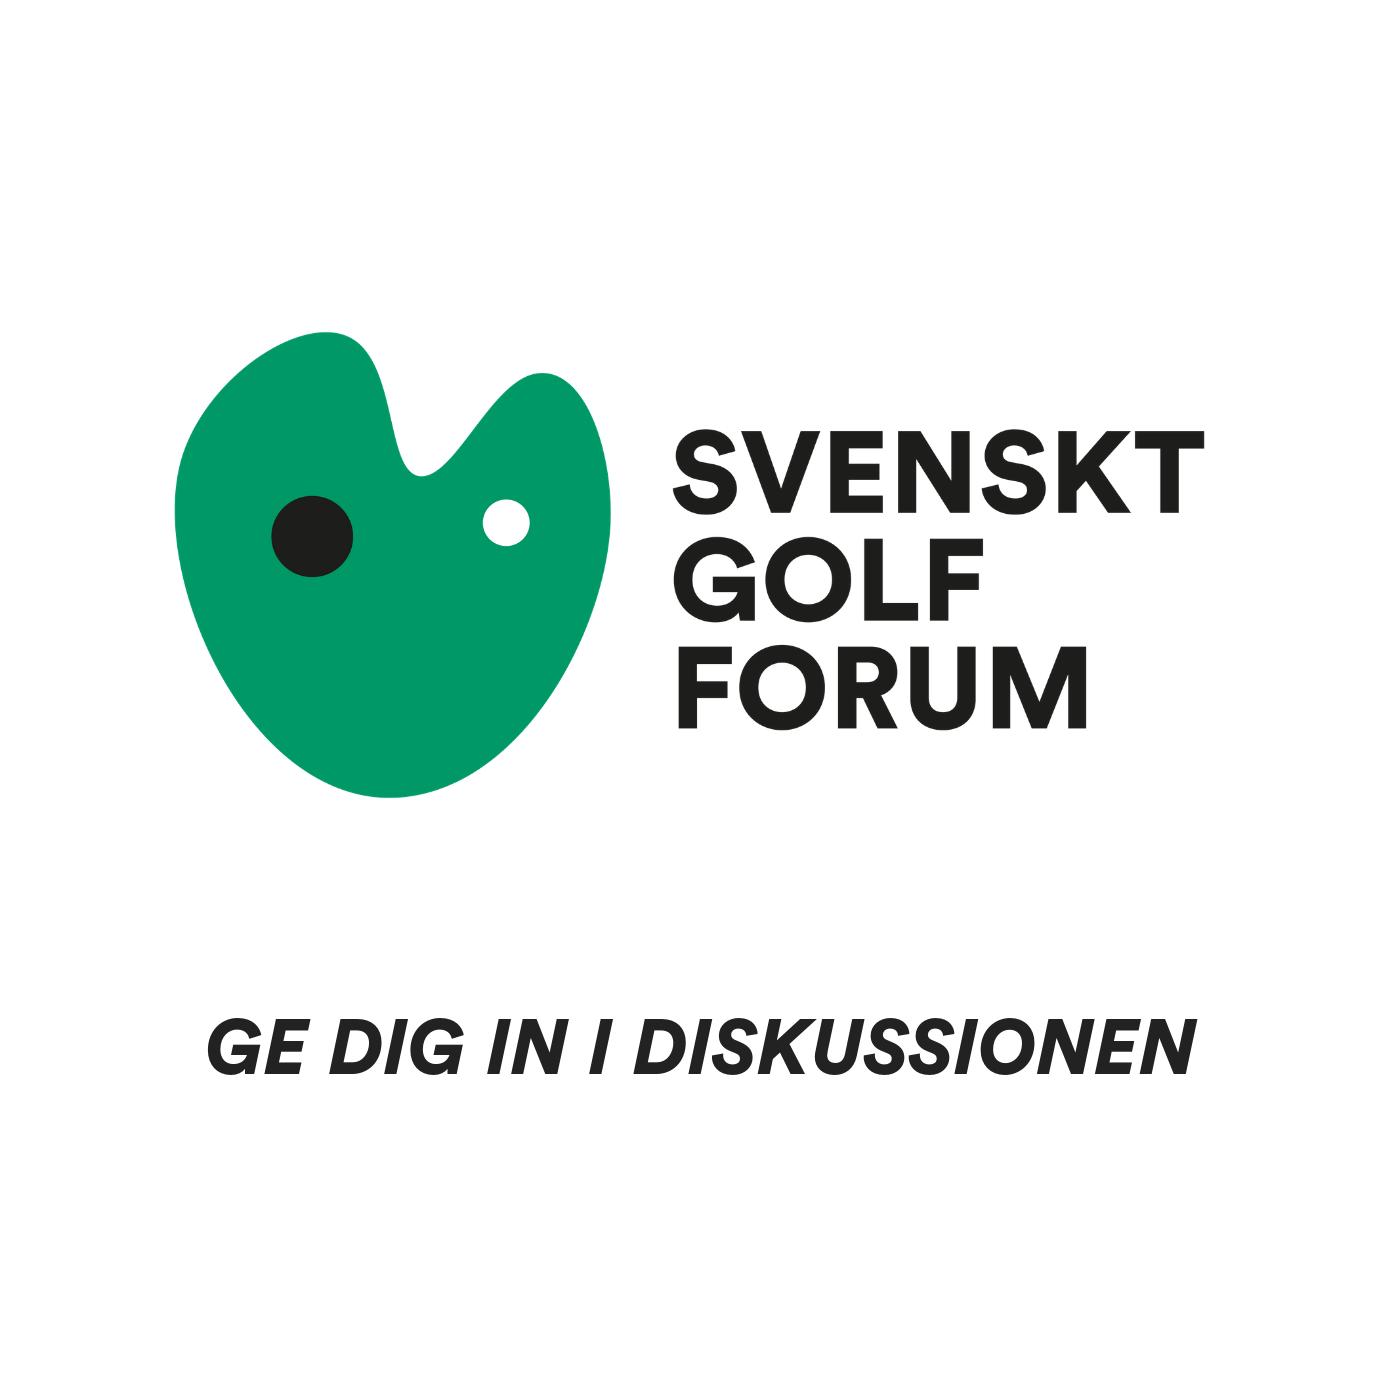 Svensktgolfforums podd